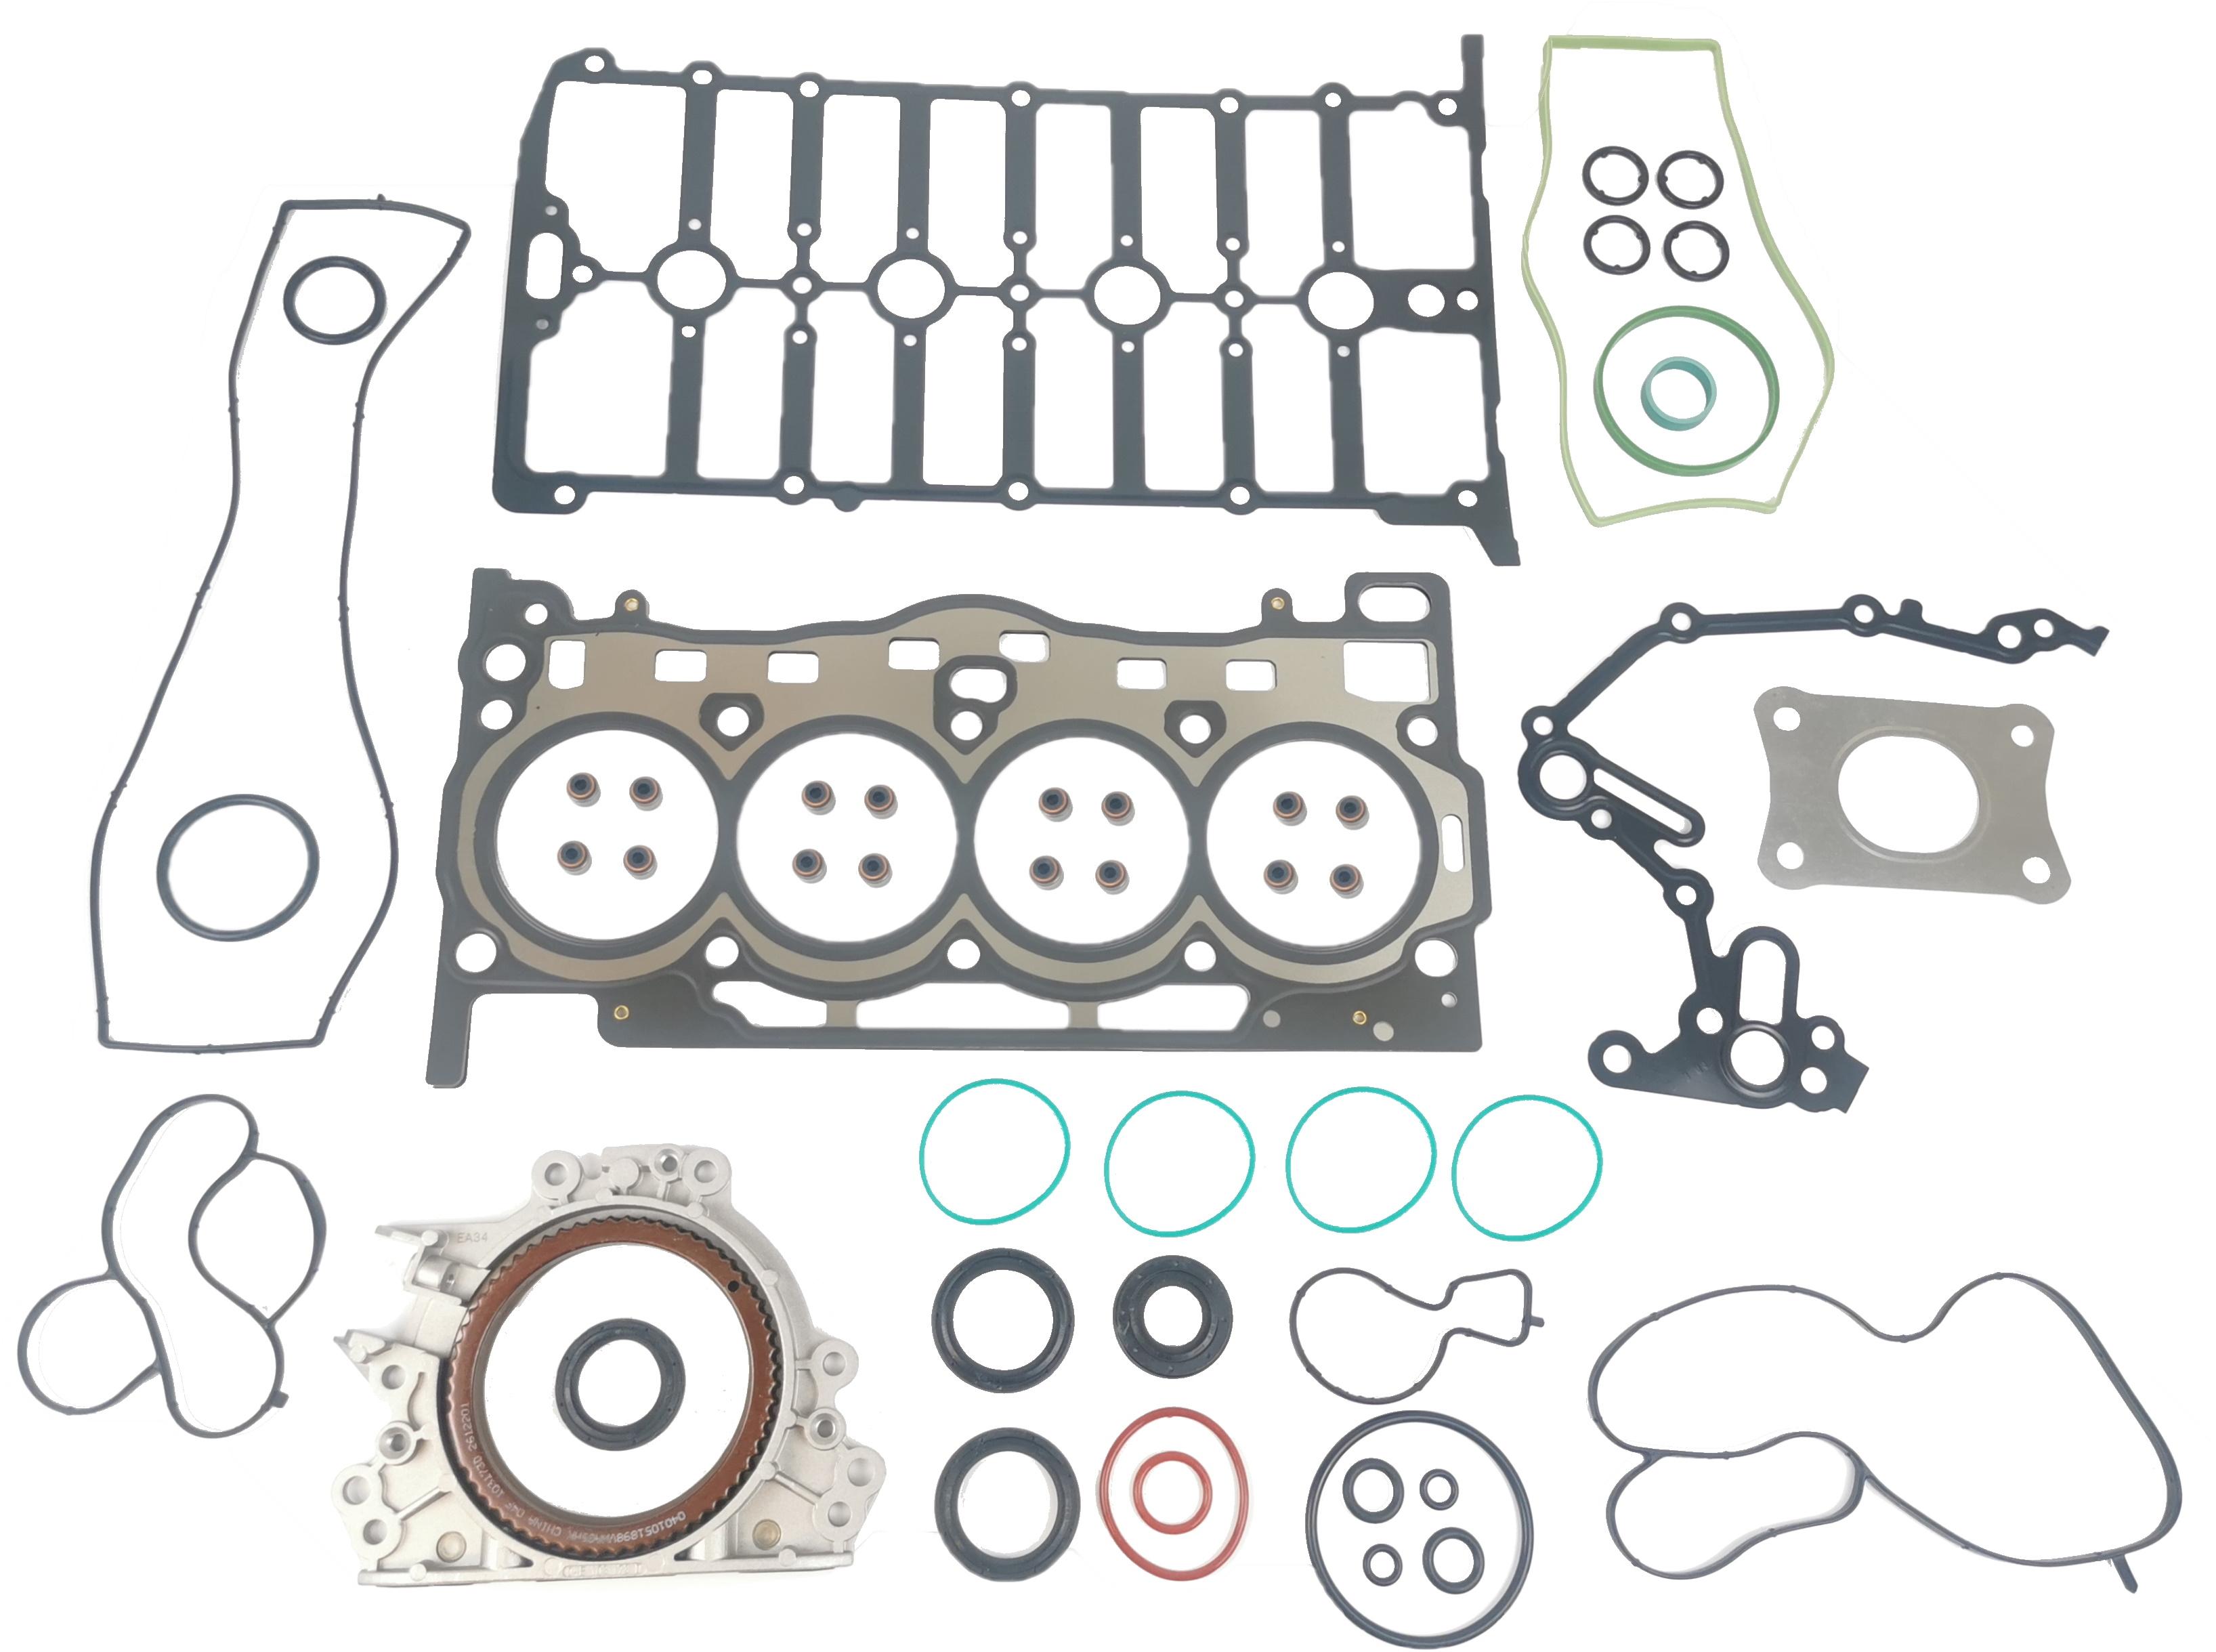 Zylinderkopfdichtung Dichtungssatz für Audi Seat Skoda VW 1,4 TSI TFSI CHP NEU